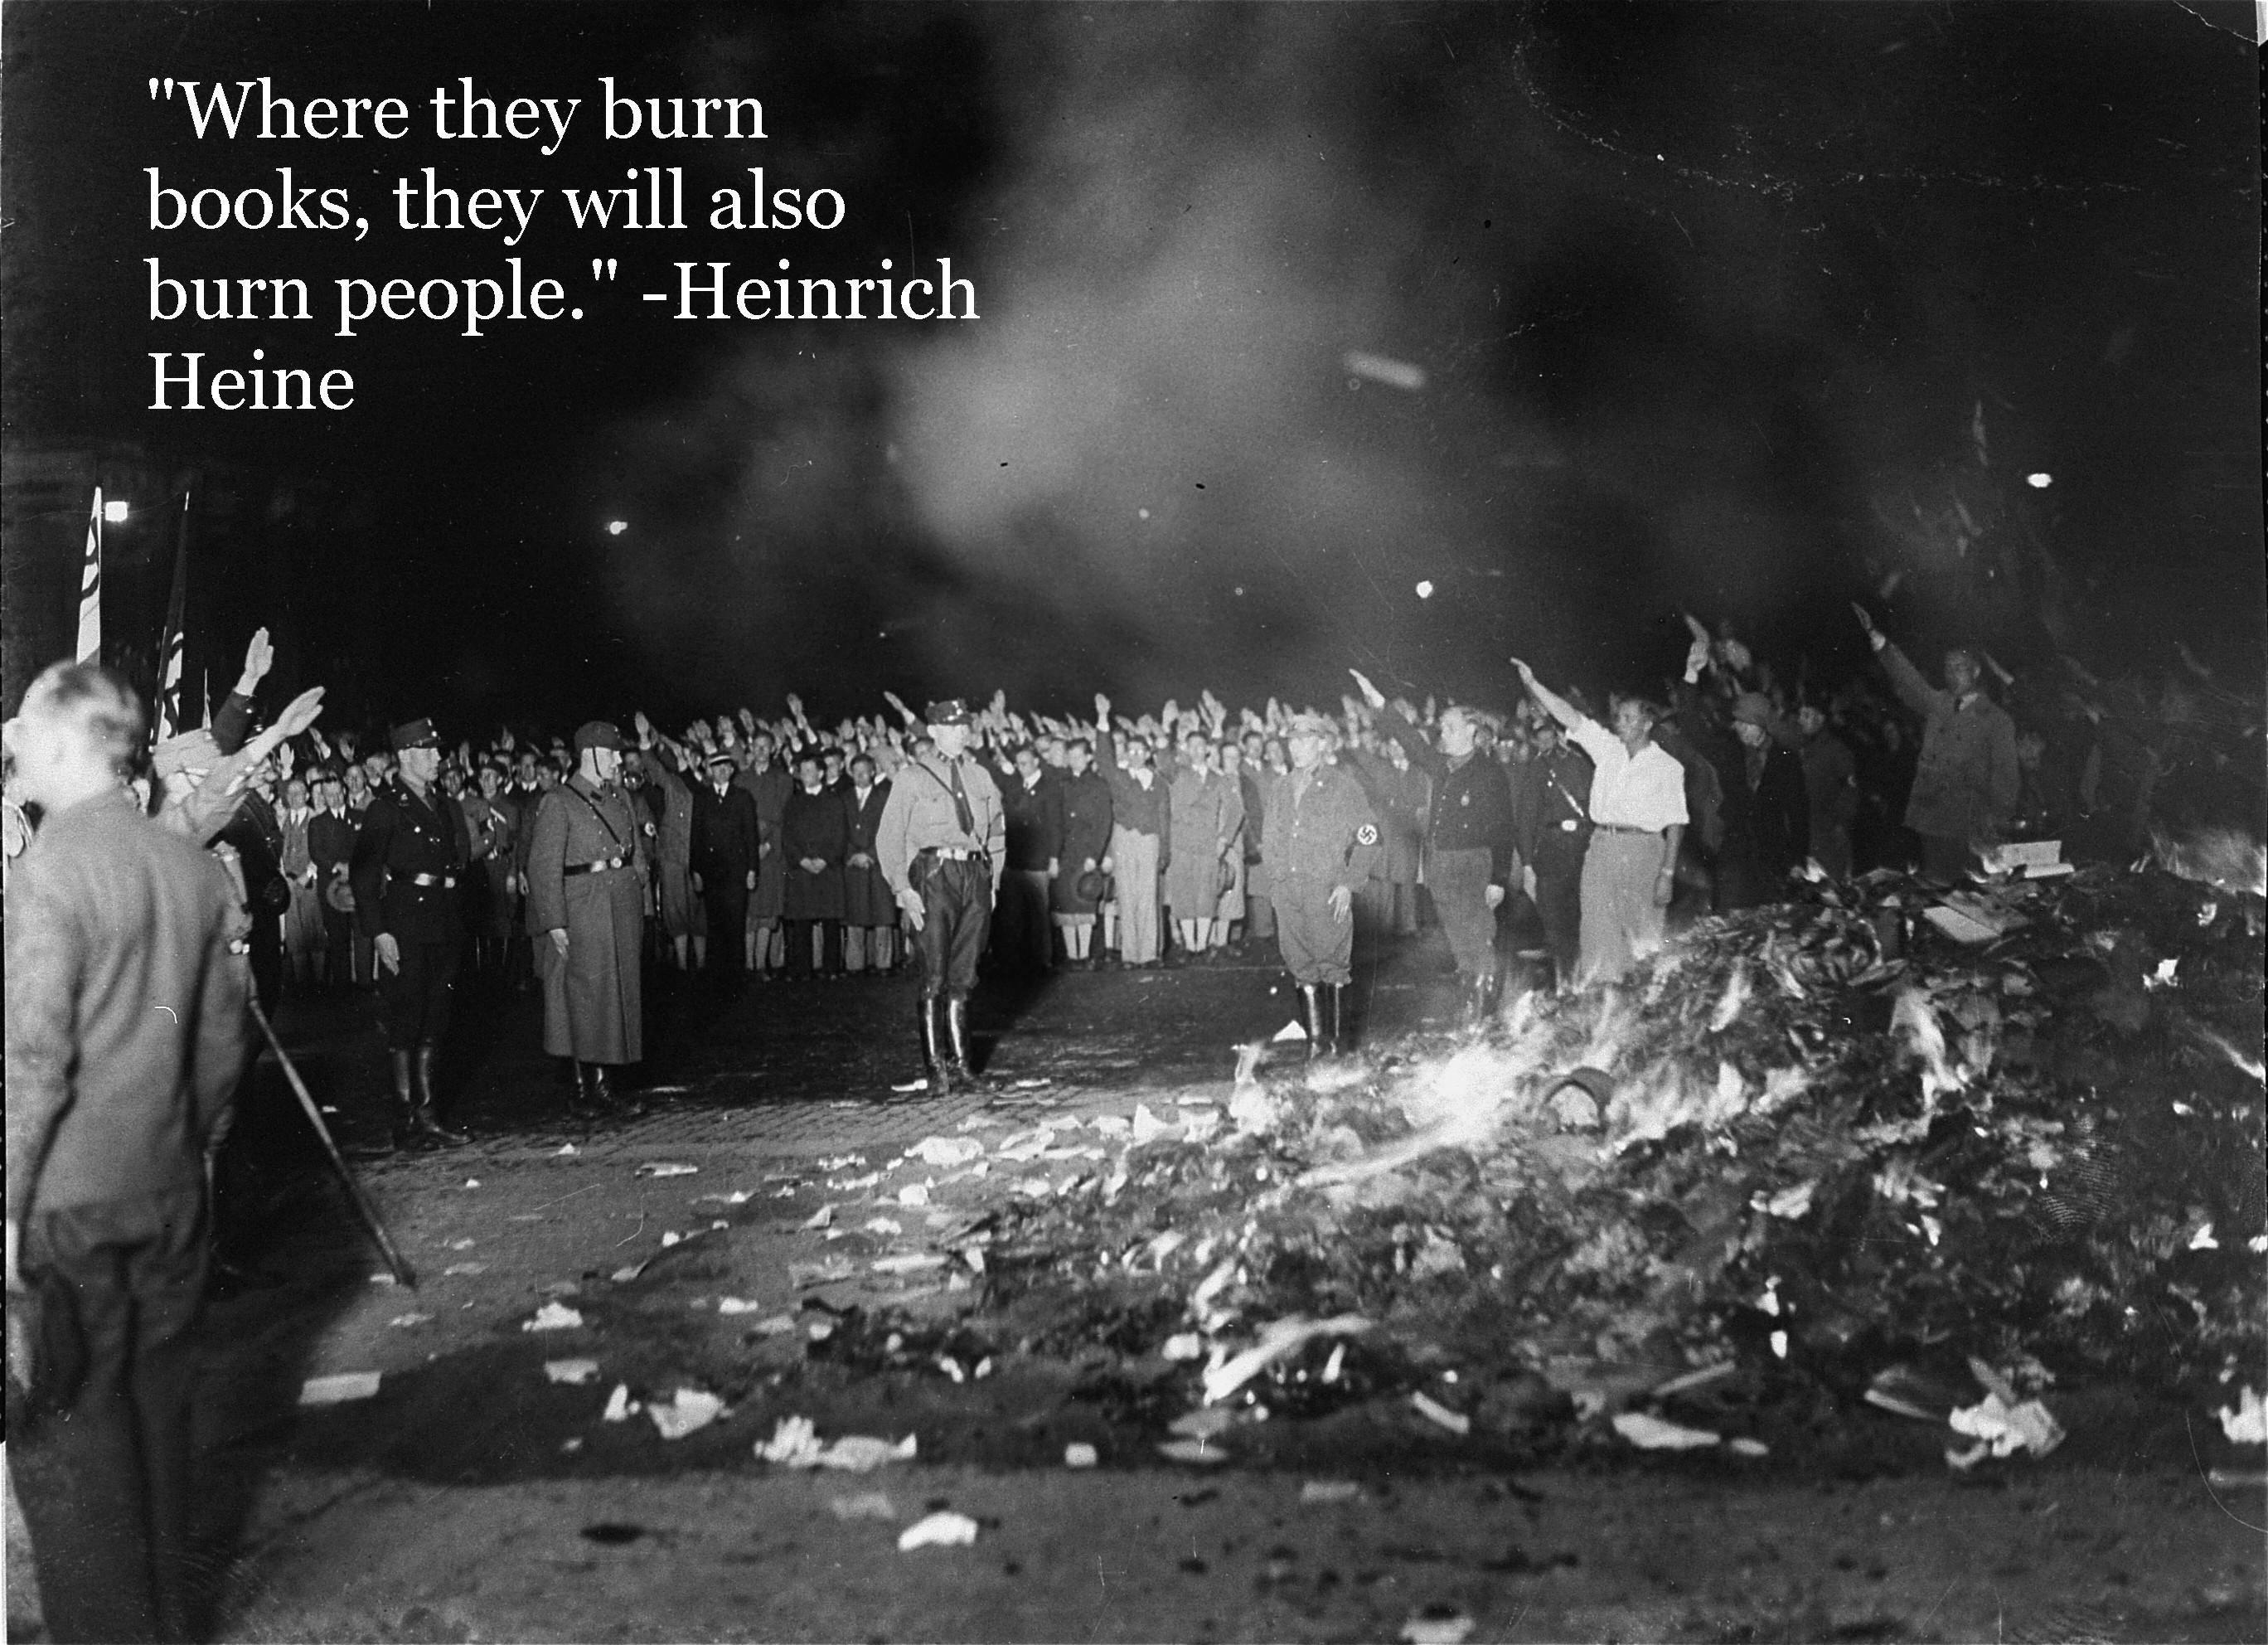 Heinrich Heine's quote #5